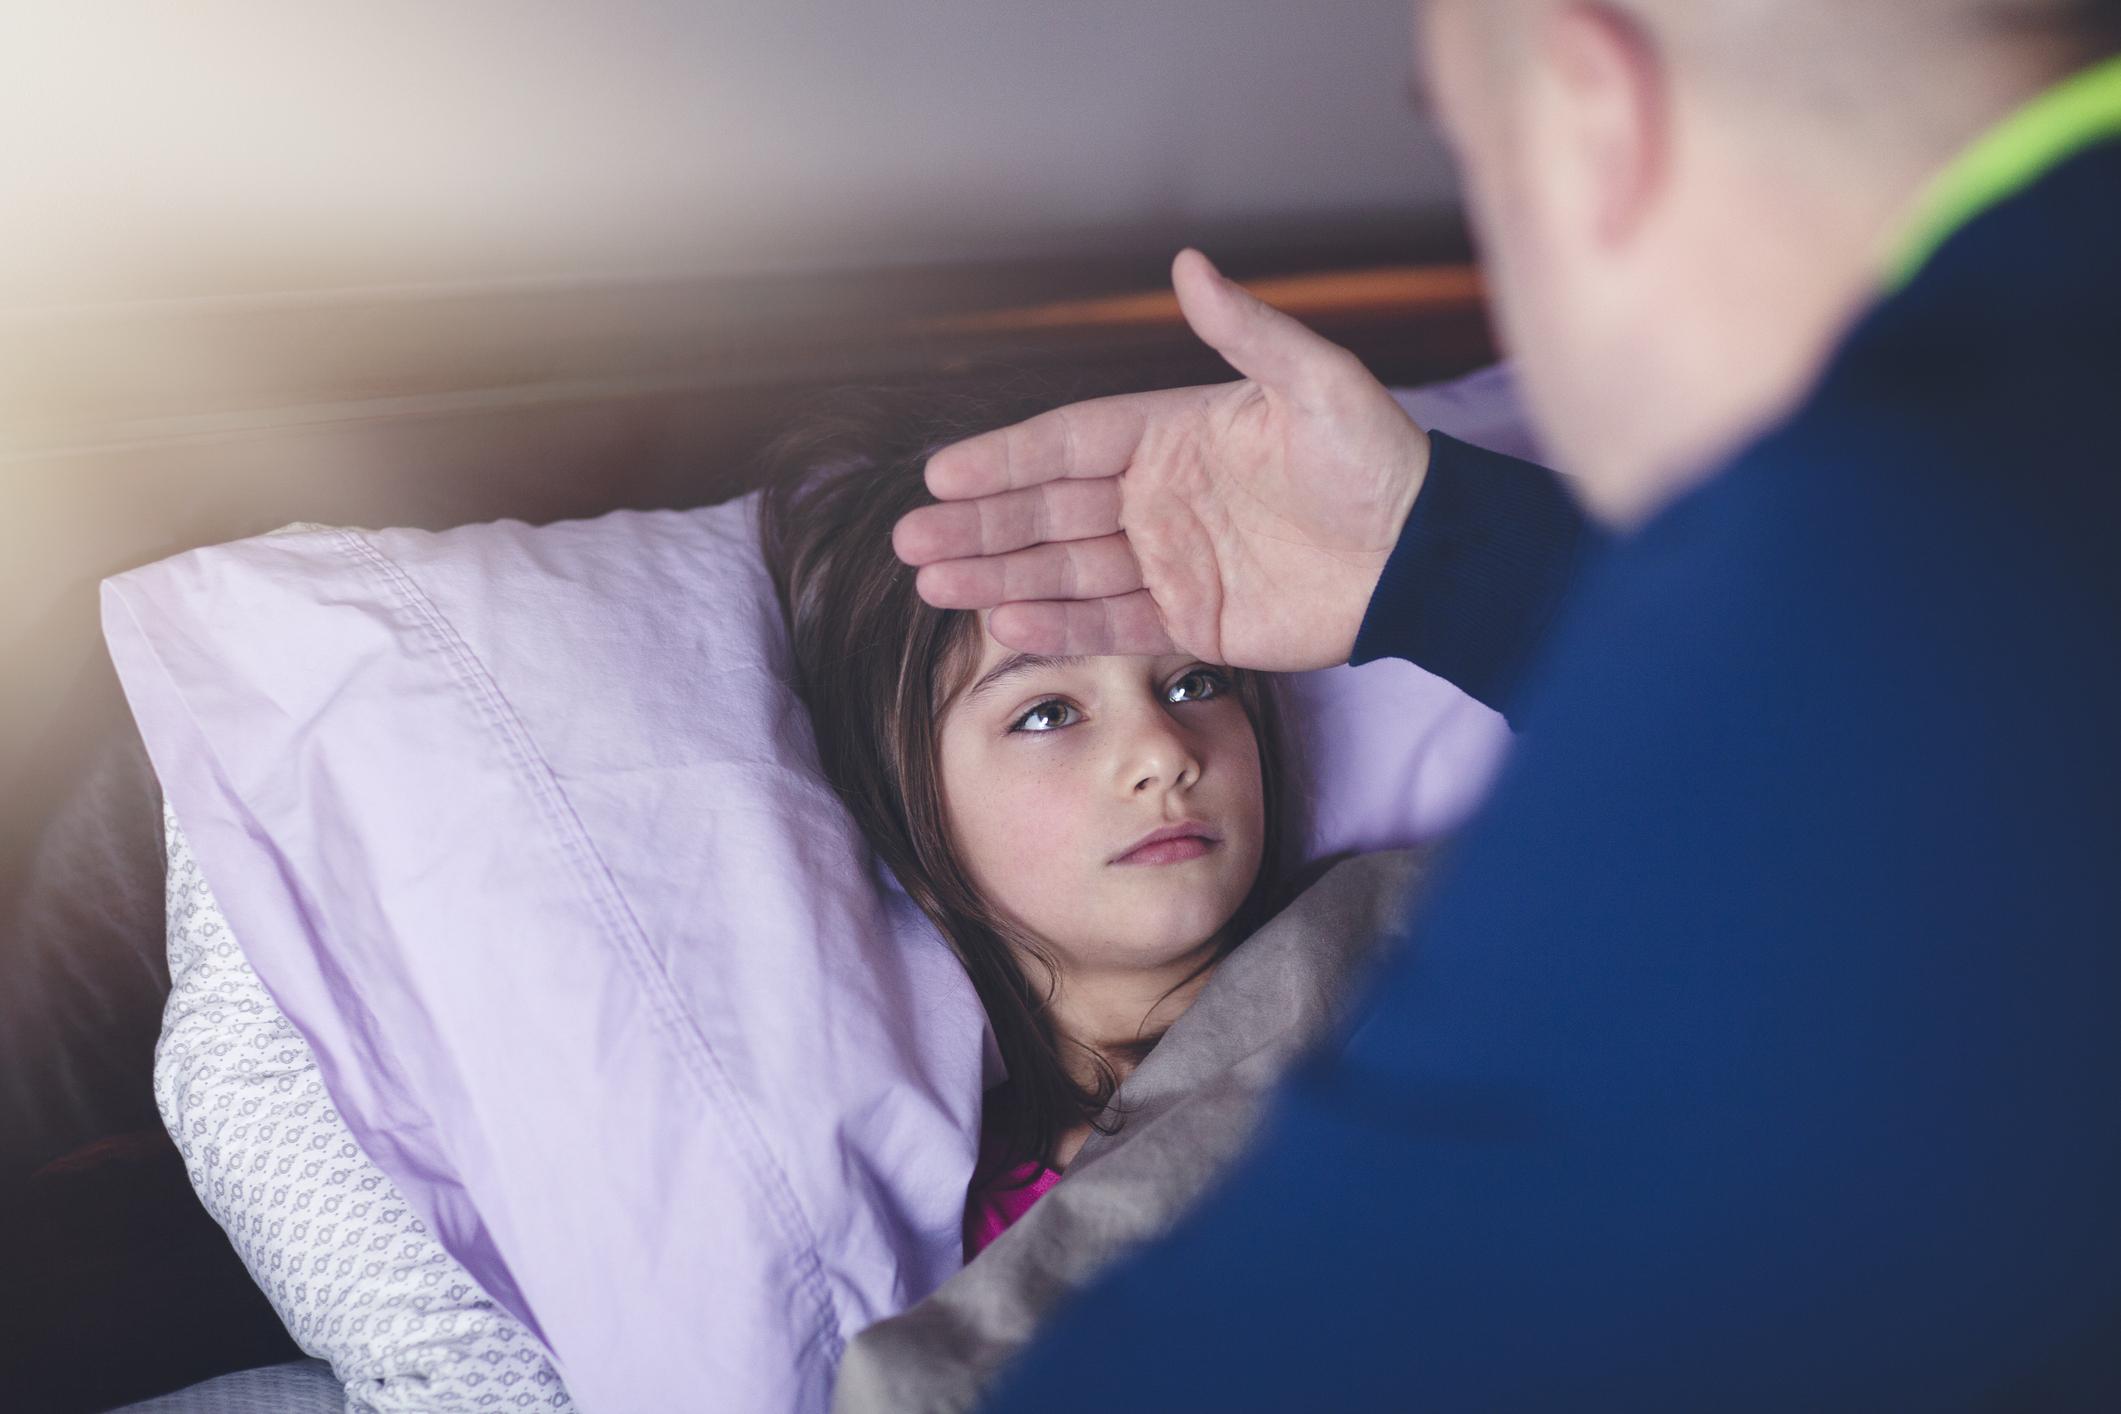 Рвота у ребенка - как остановить, что давать от рвоты ребенку